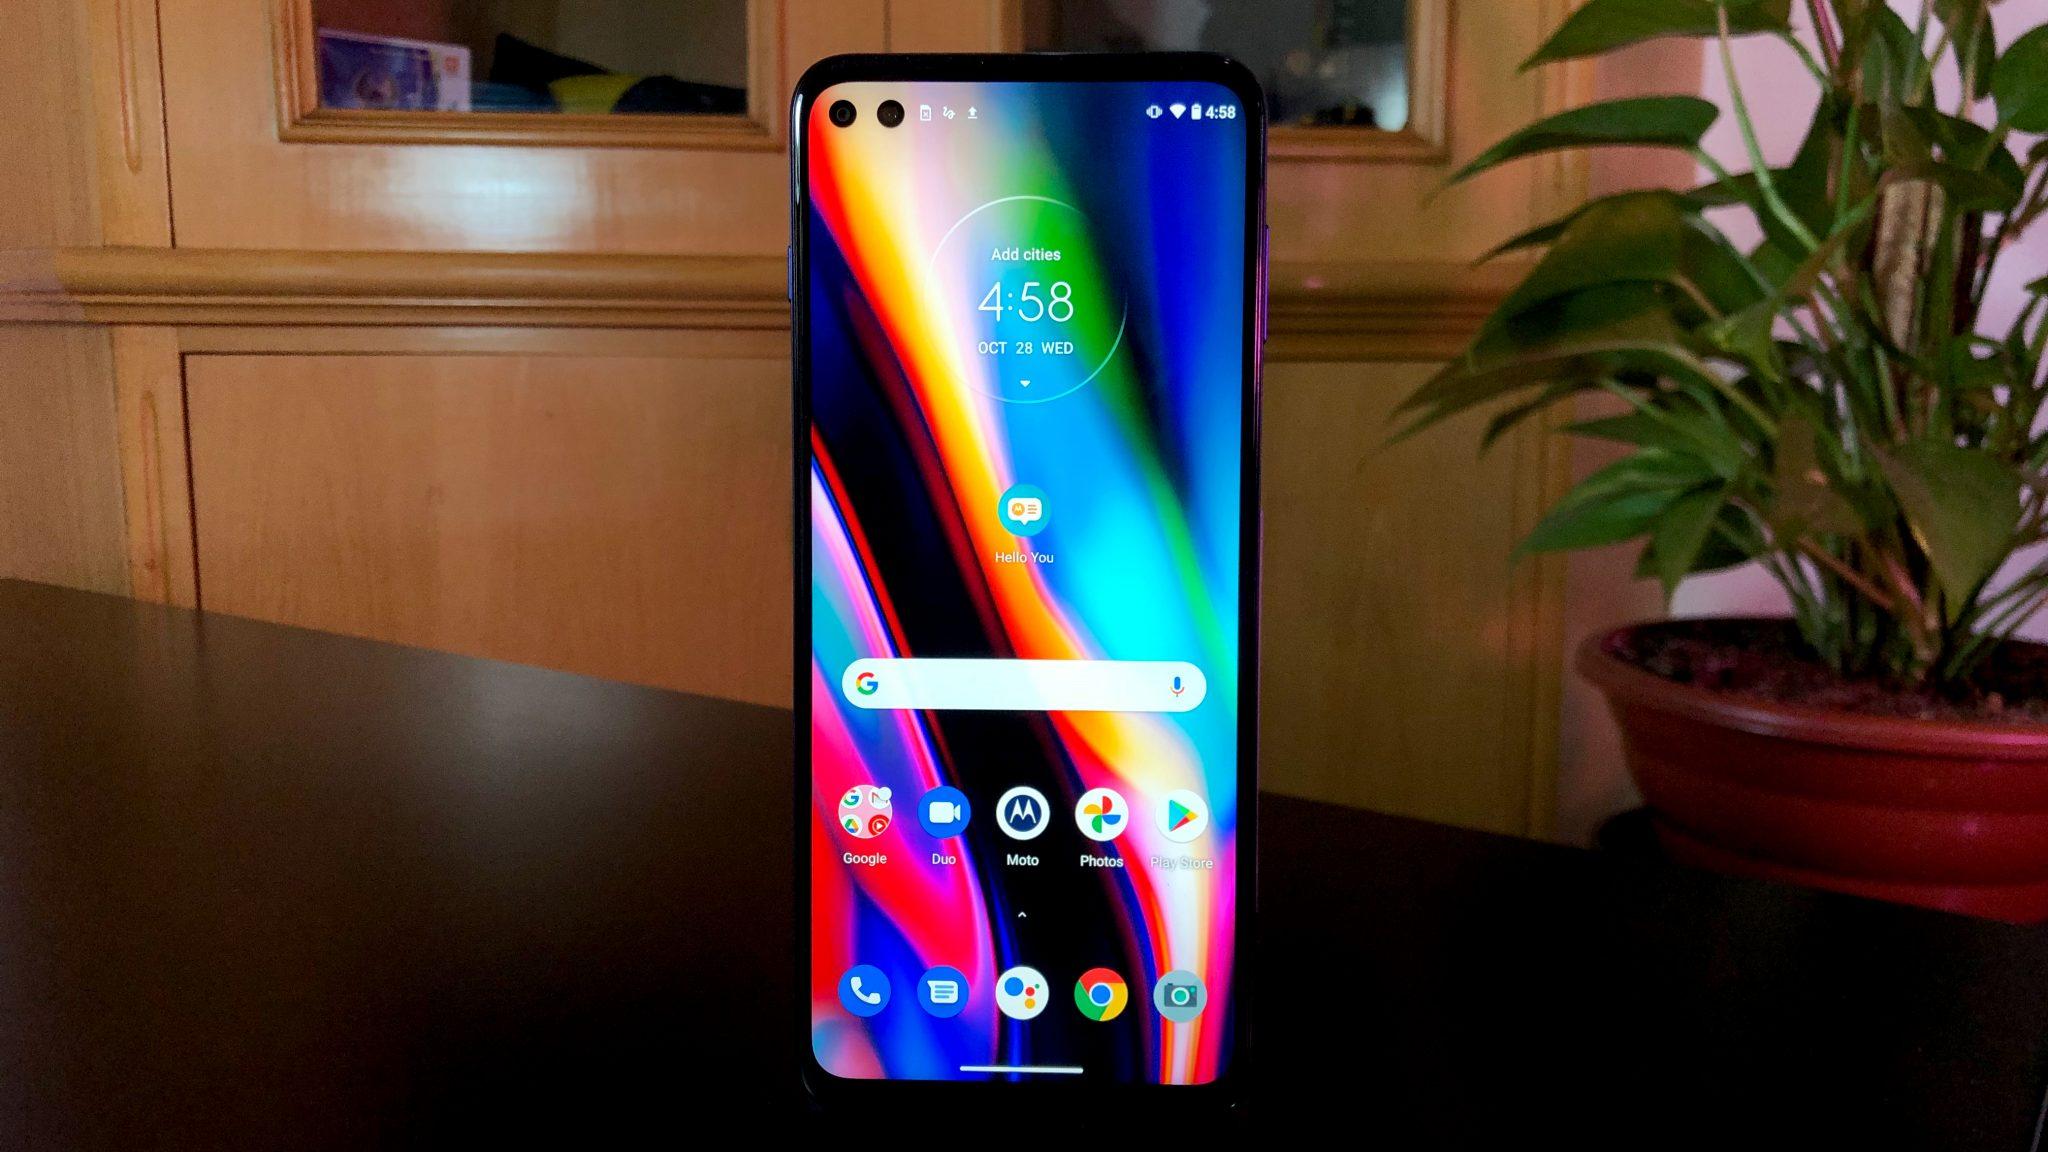 Review: moto g 5g plus é o smartphone com 5g mais barato do mercado. Além da integração com o 5g dss da claro, o moto g 5g plus traz duas câmeras frontais e bateria para mais de um dia